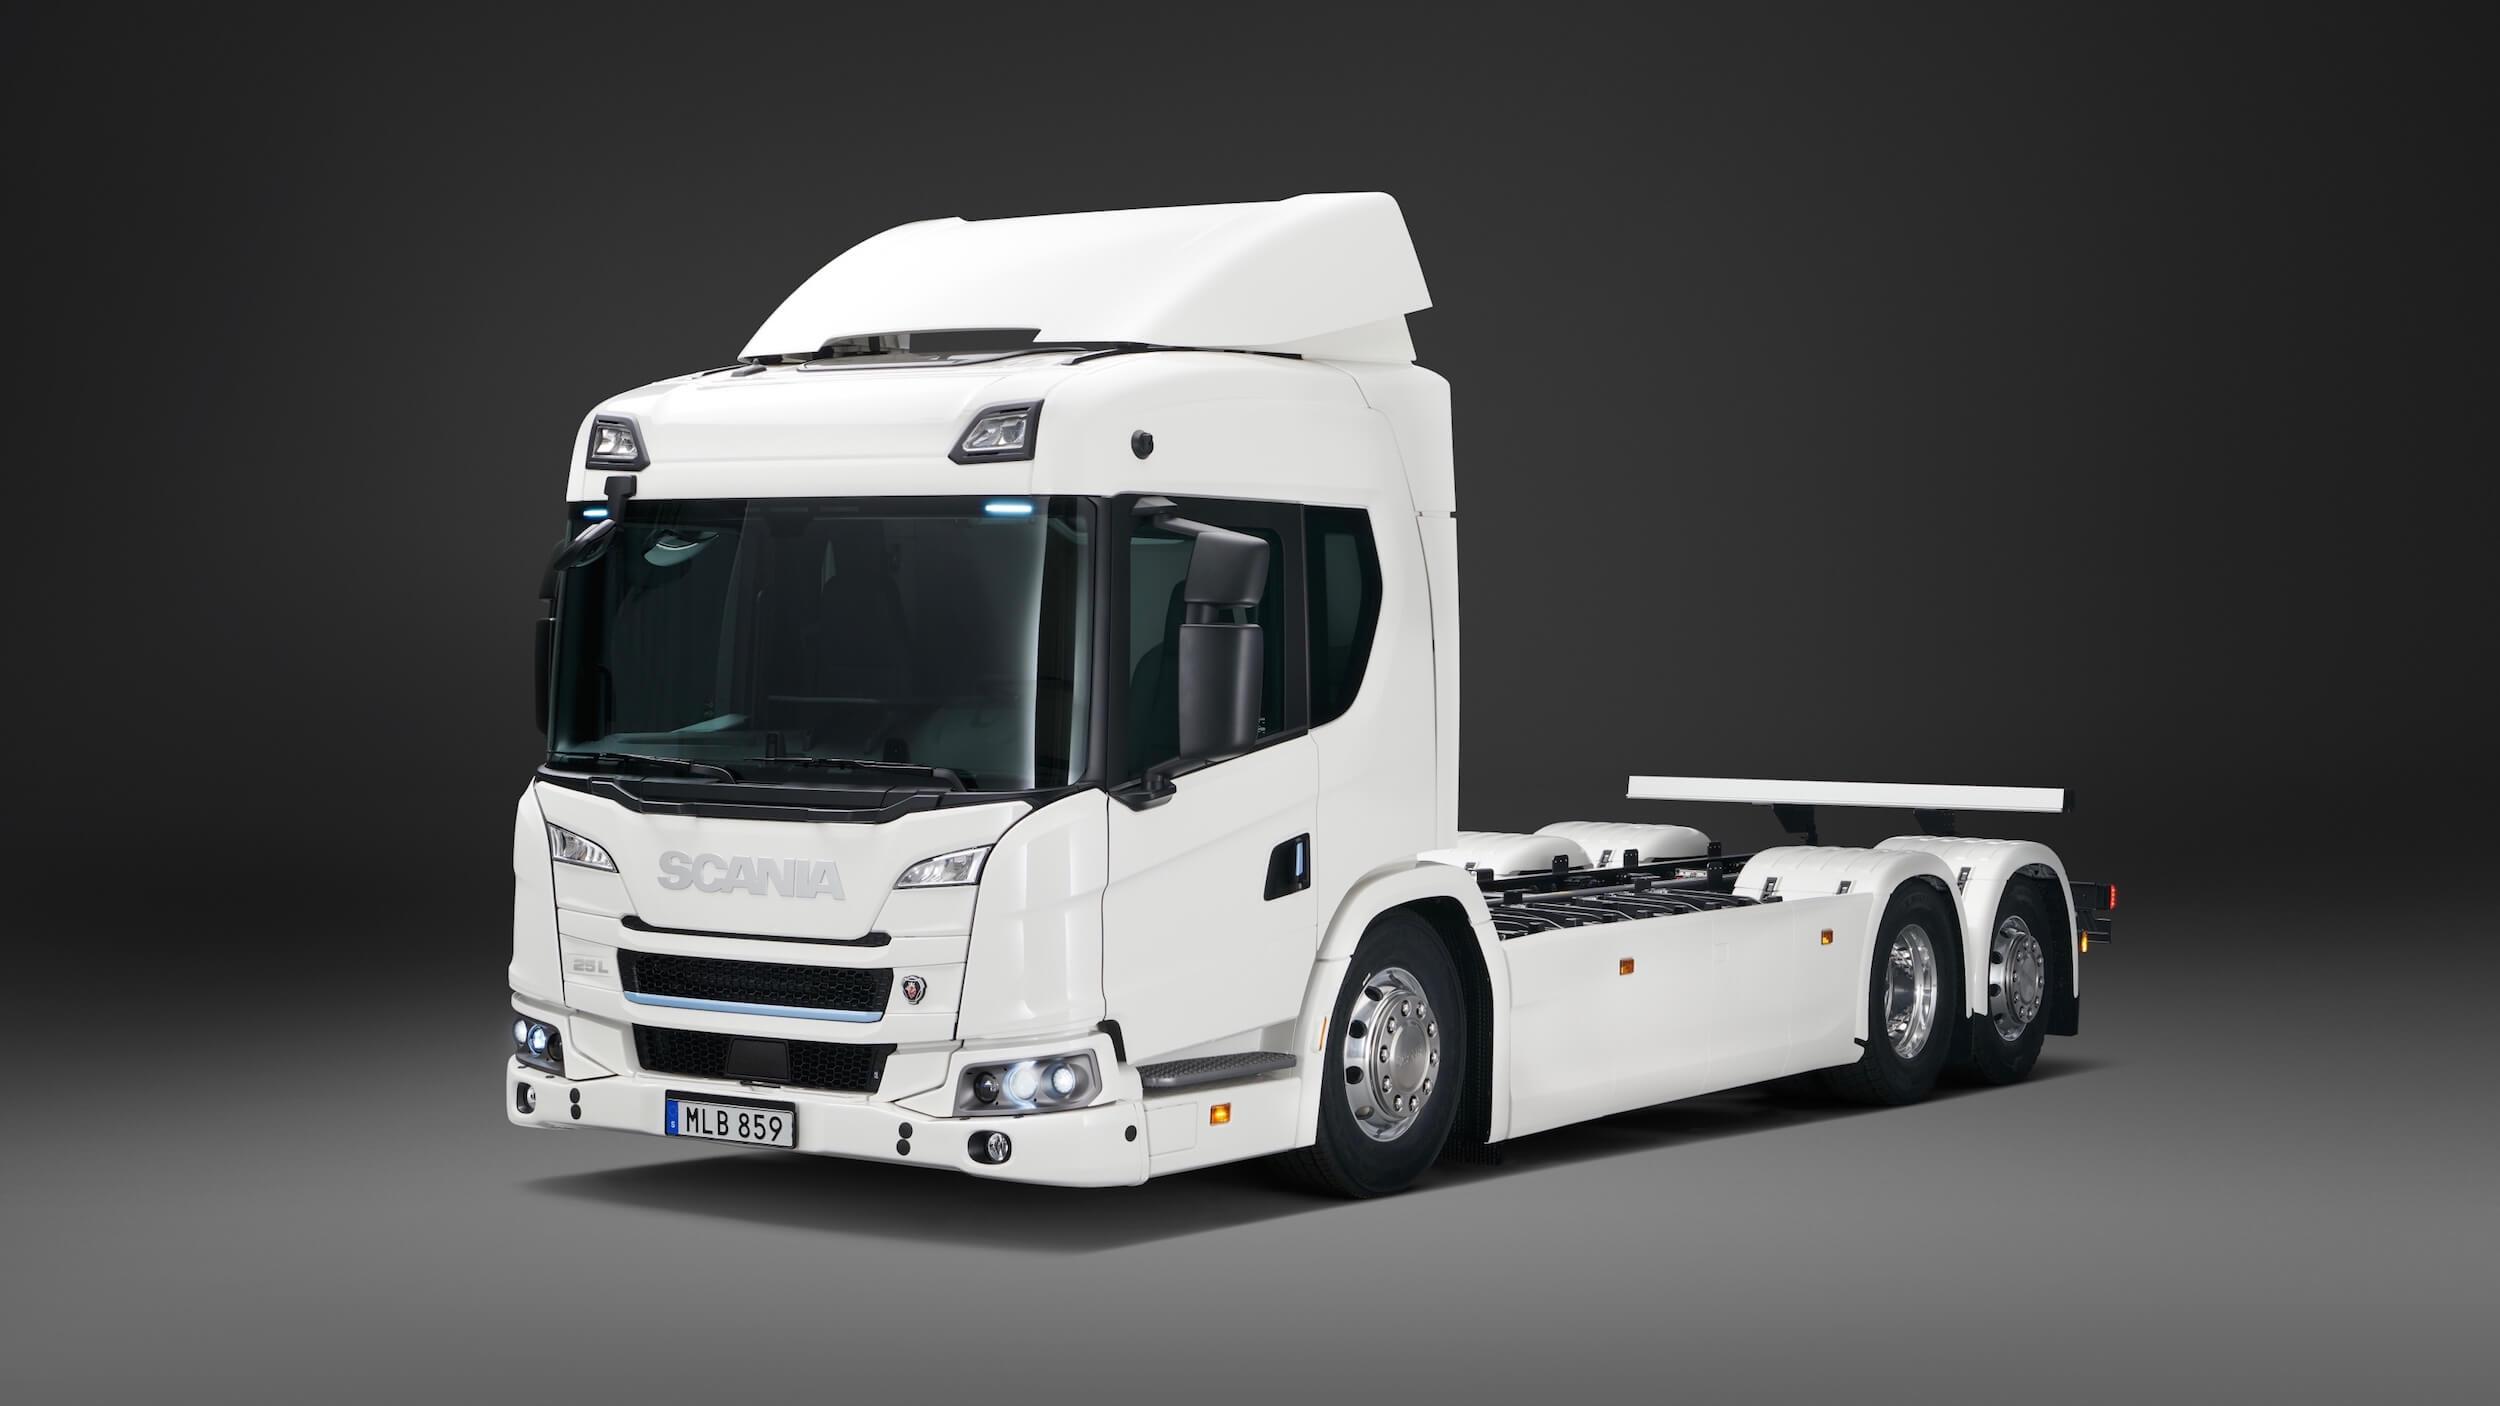 Scania 25 P vrachtwagen